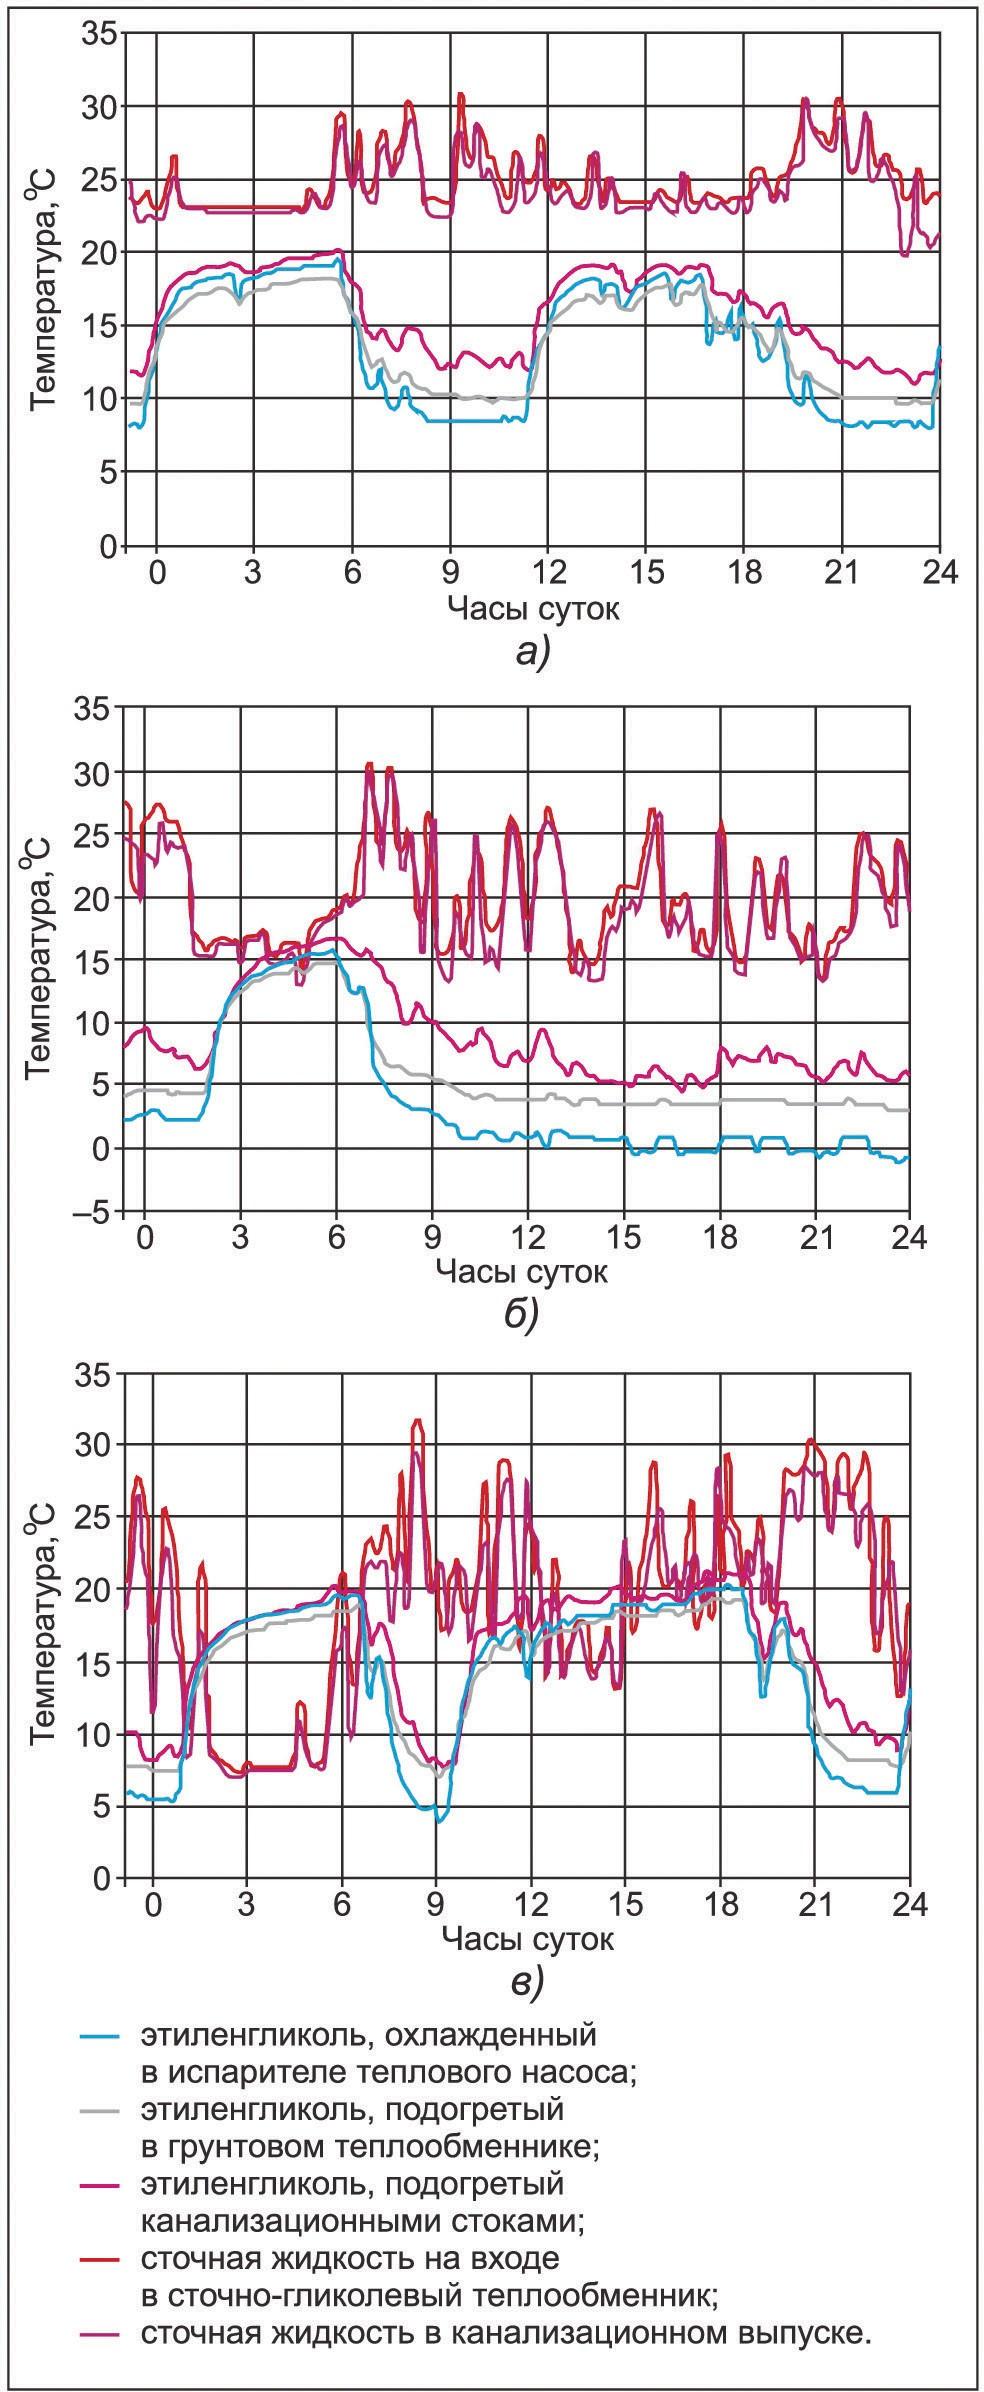 Характер изменения температур этиленгликоля и канализационных стоков